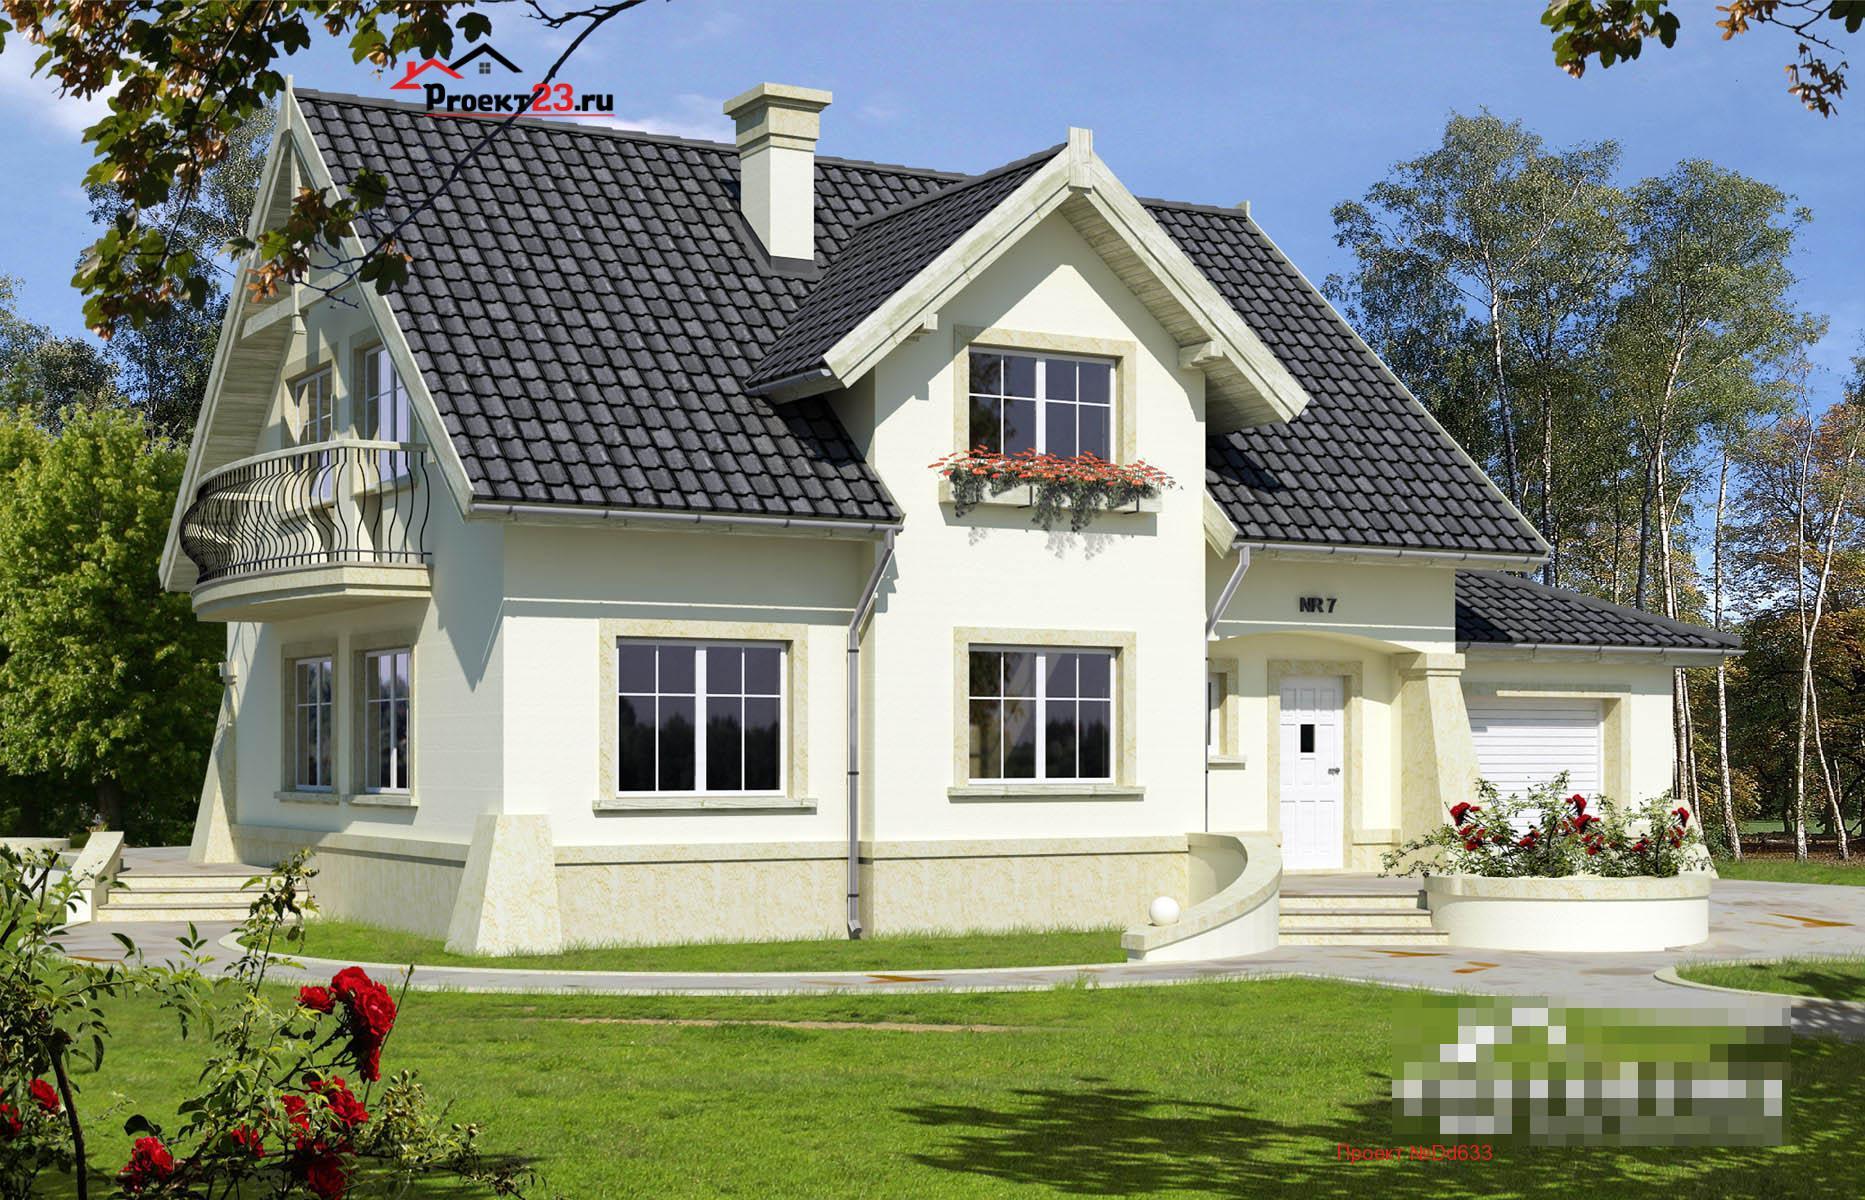 фото дома с мансардой и высоким аттикой смог образуется